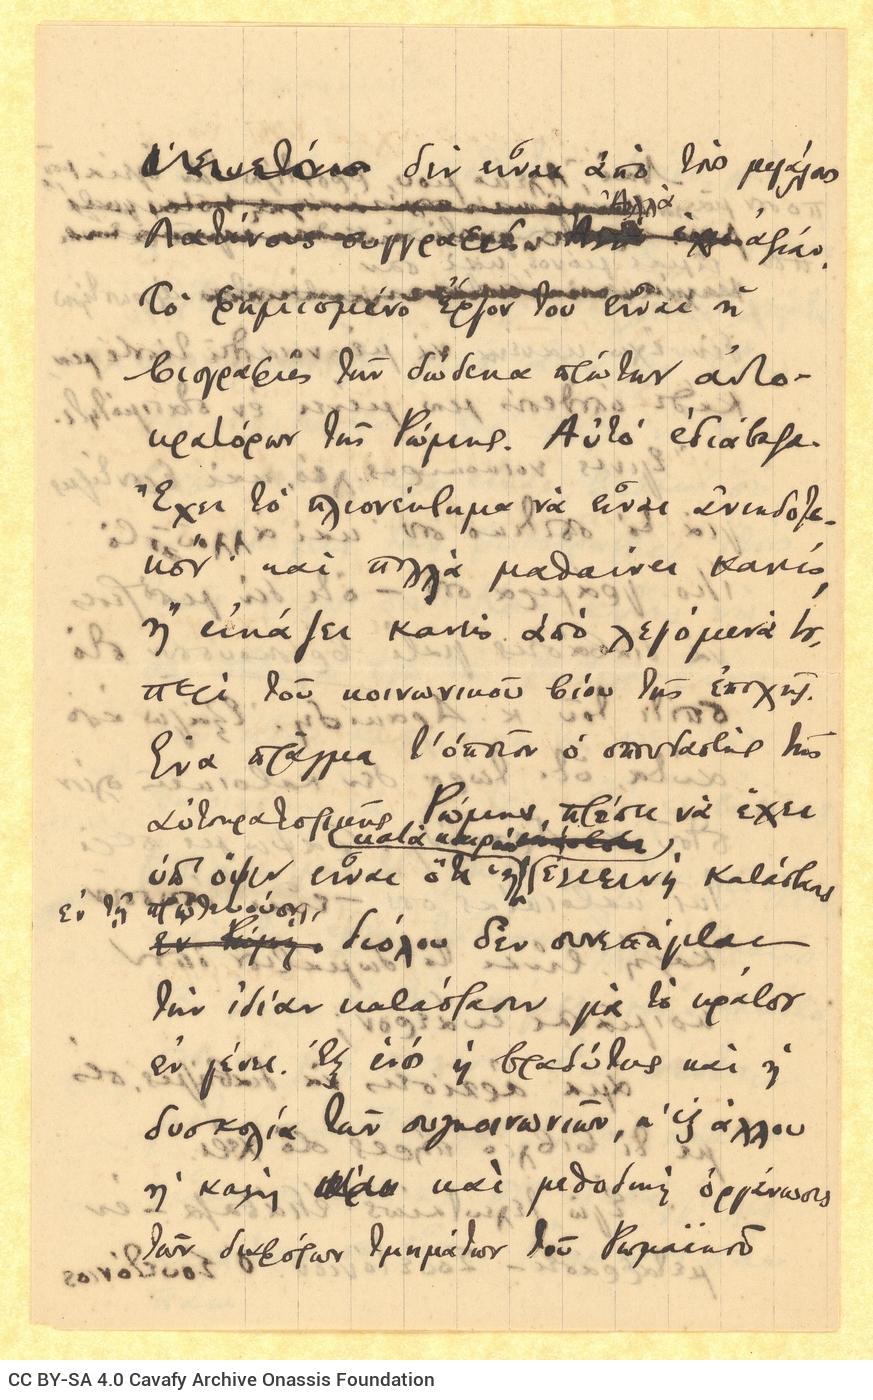 Χειρόγραφη επιστολή του Καβάφη προς τον Αλέκο [Σεγκόπουλο] σε τετρ�